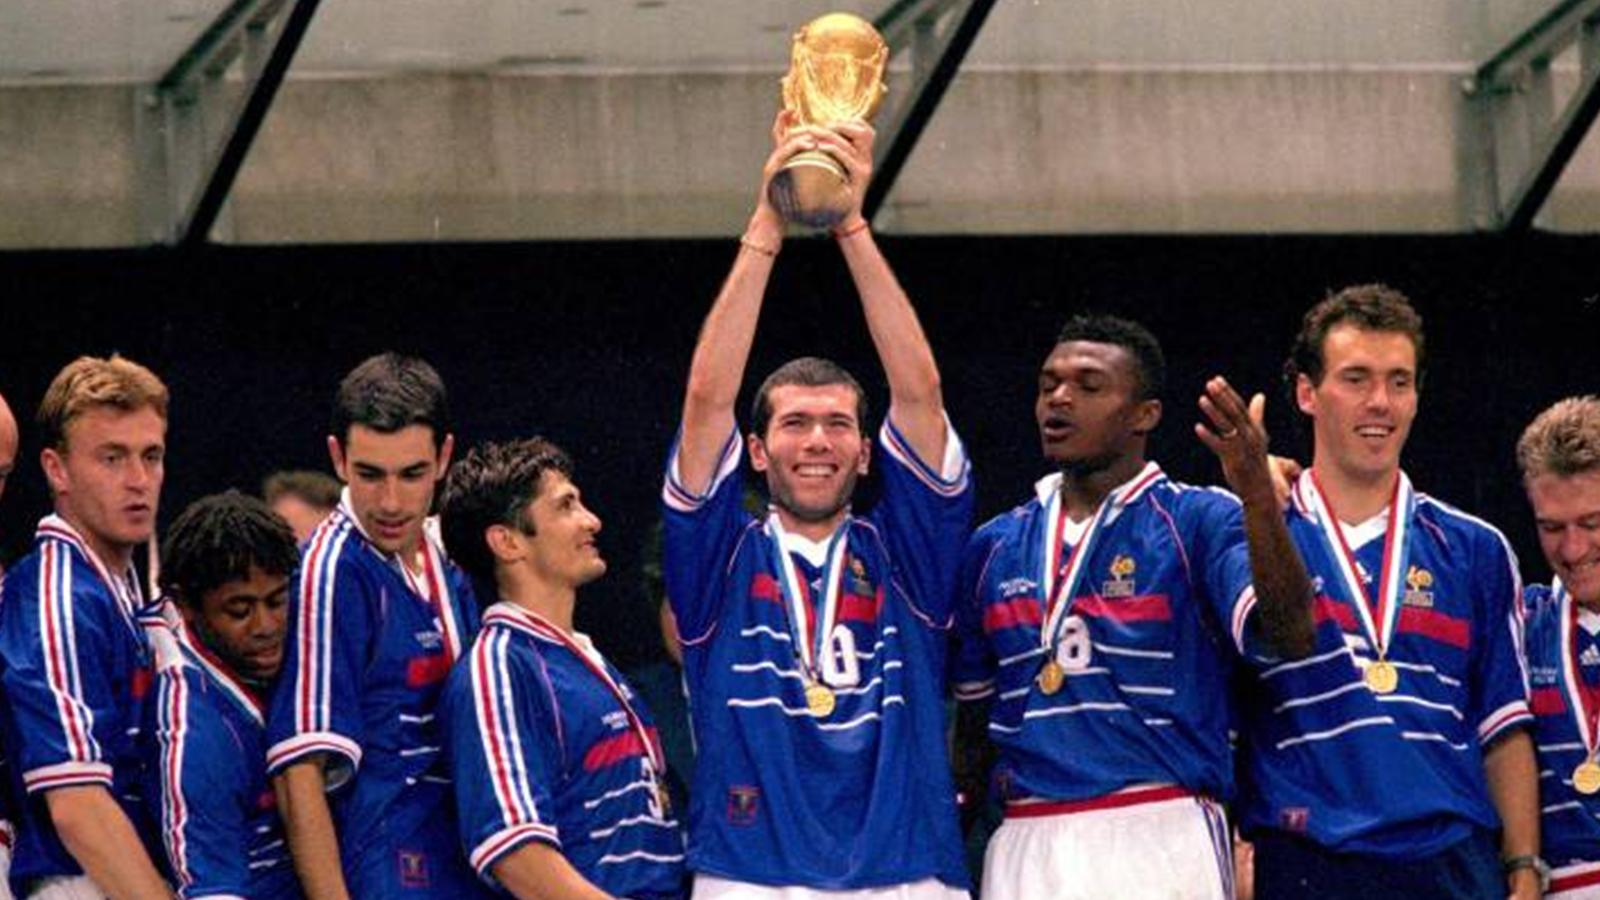 Zidane et l 39 quipe de france championne du monde en 1998 - Zidane coupe du monde 1998 ...